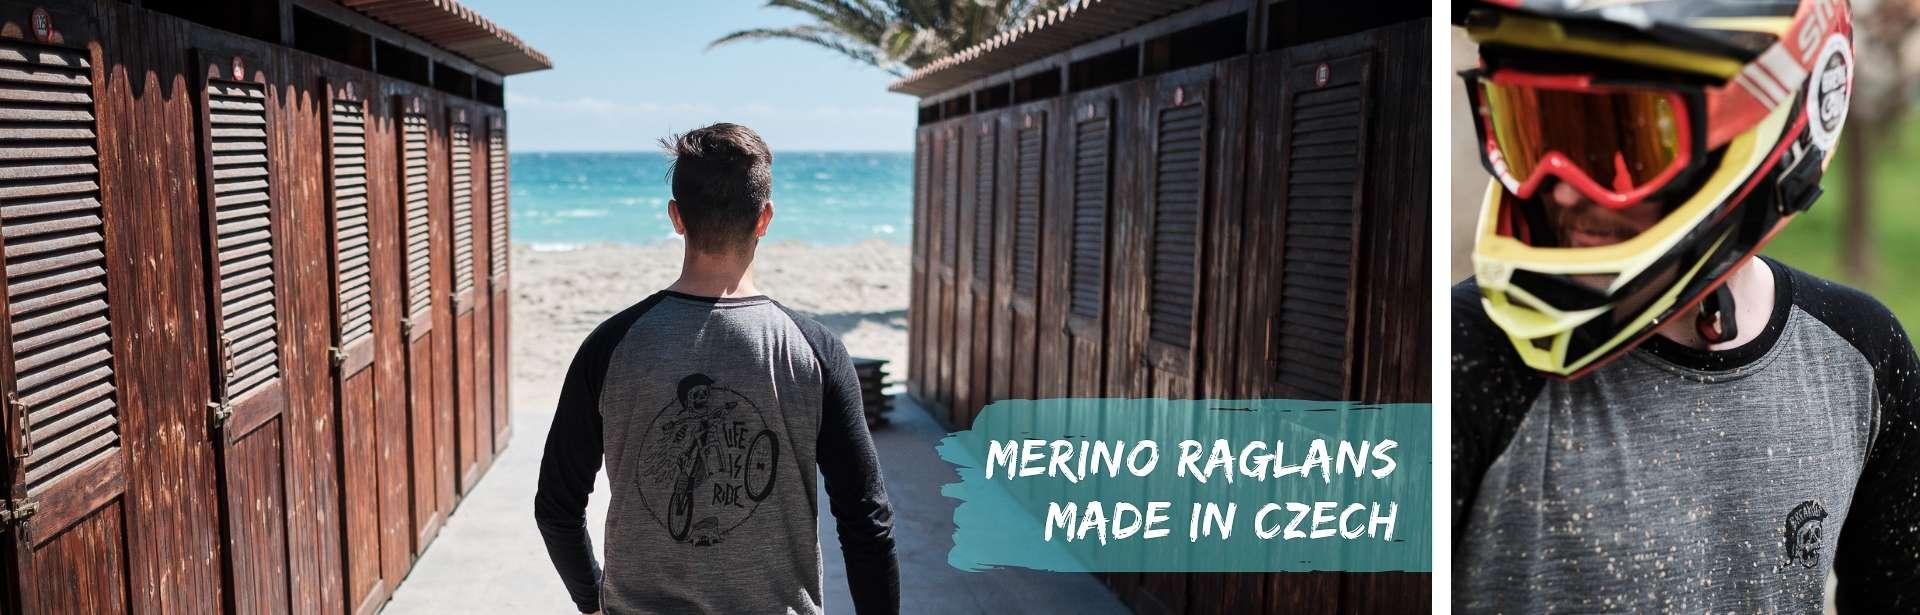 merino-raglan-breakout-clothing-carousel